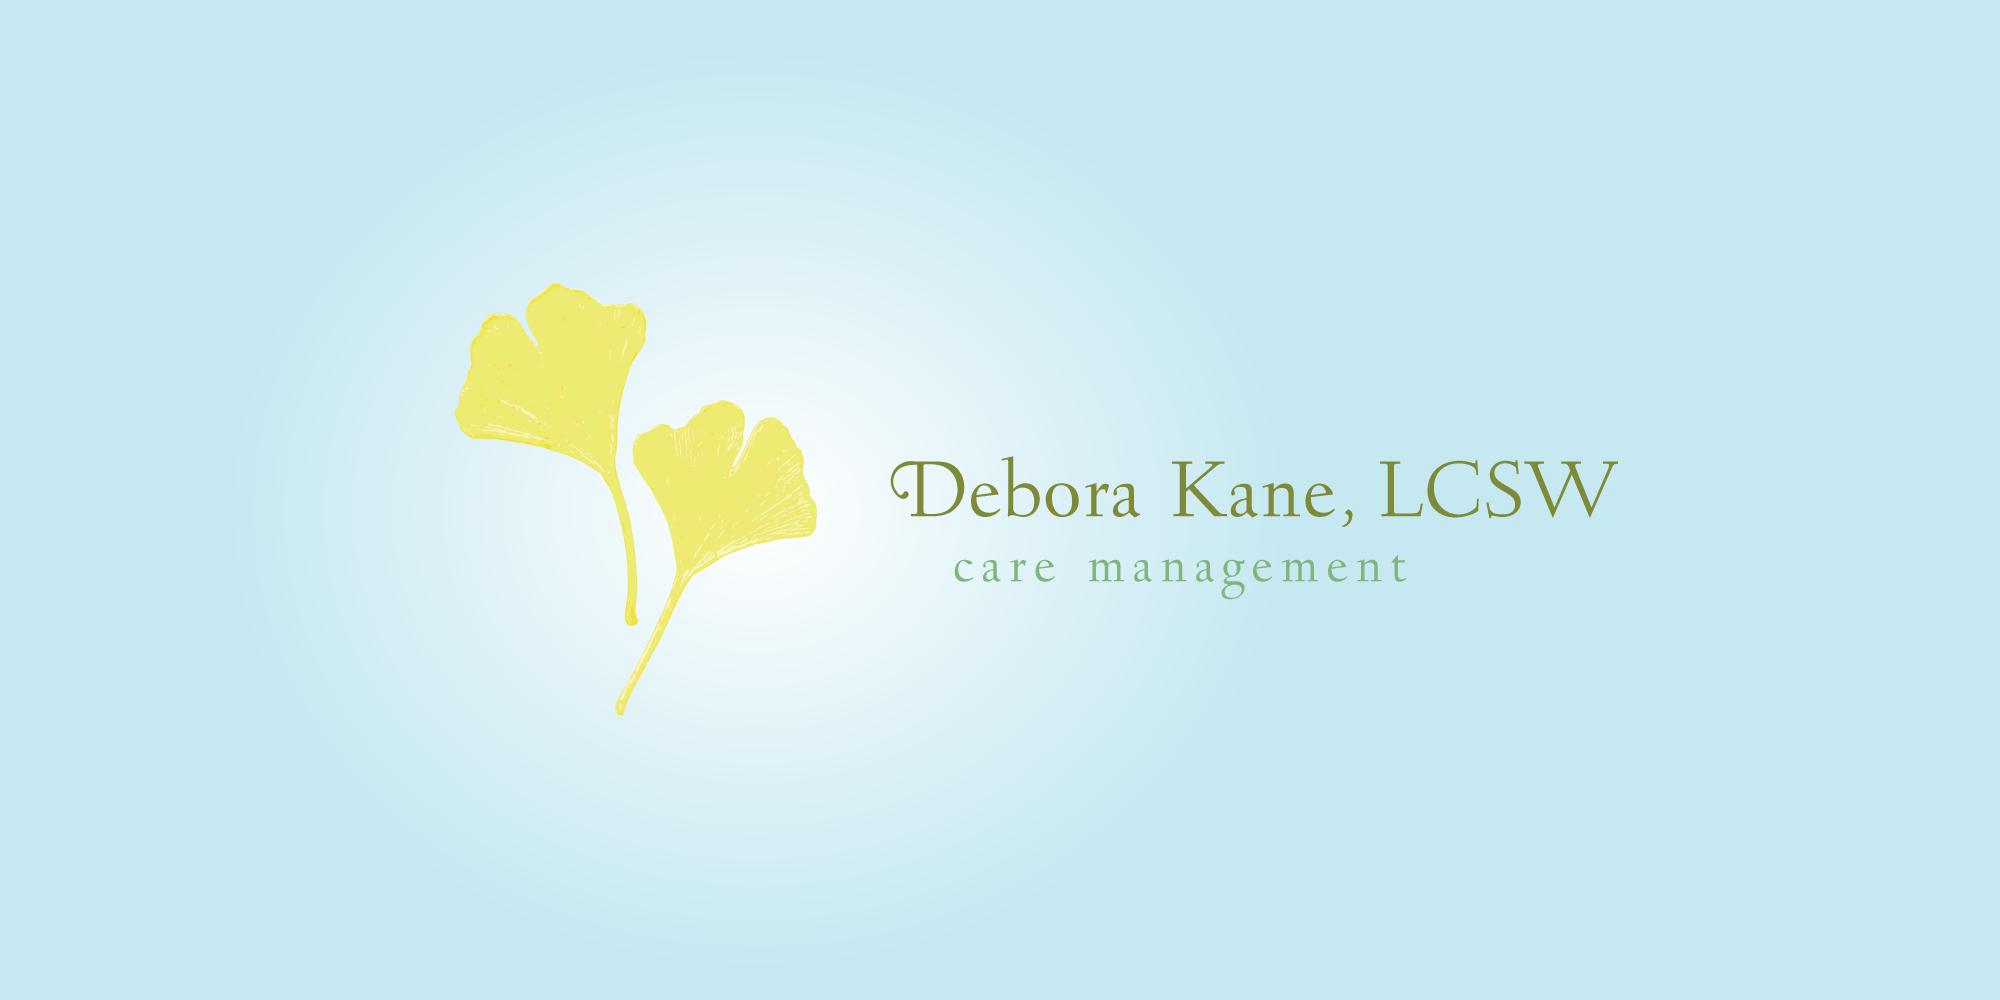 identity_debora-kane